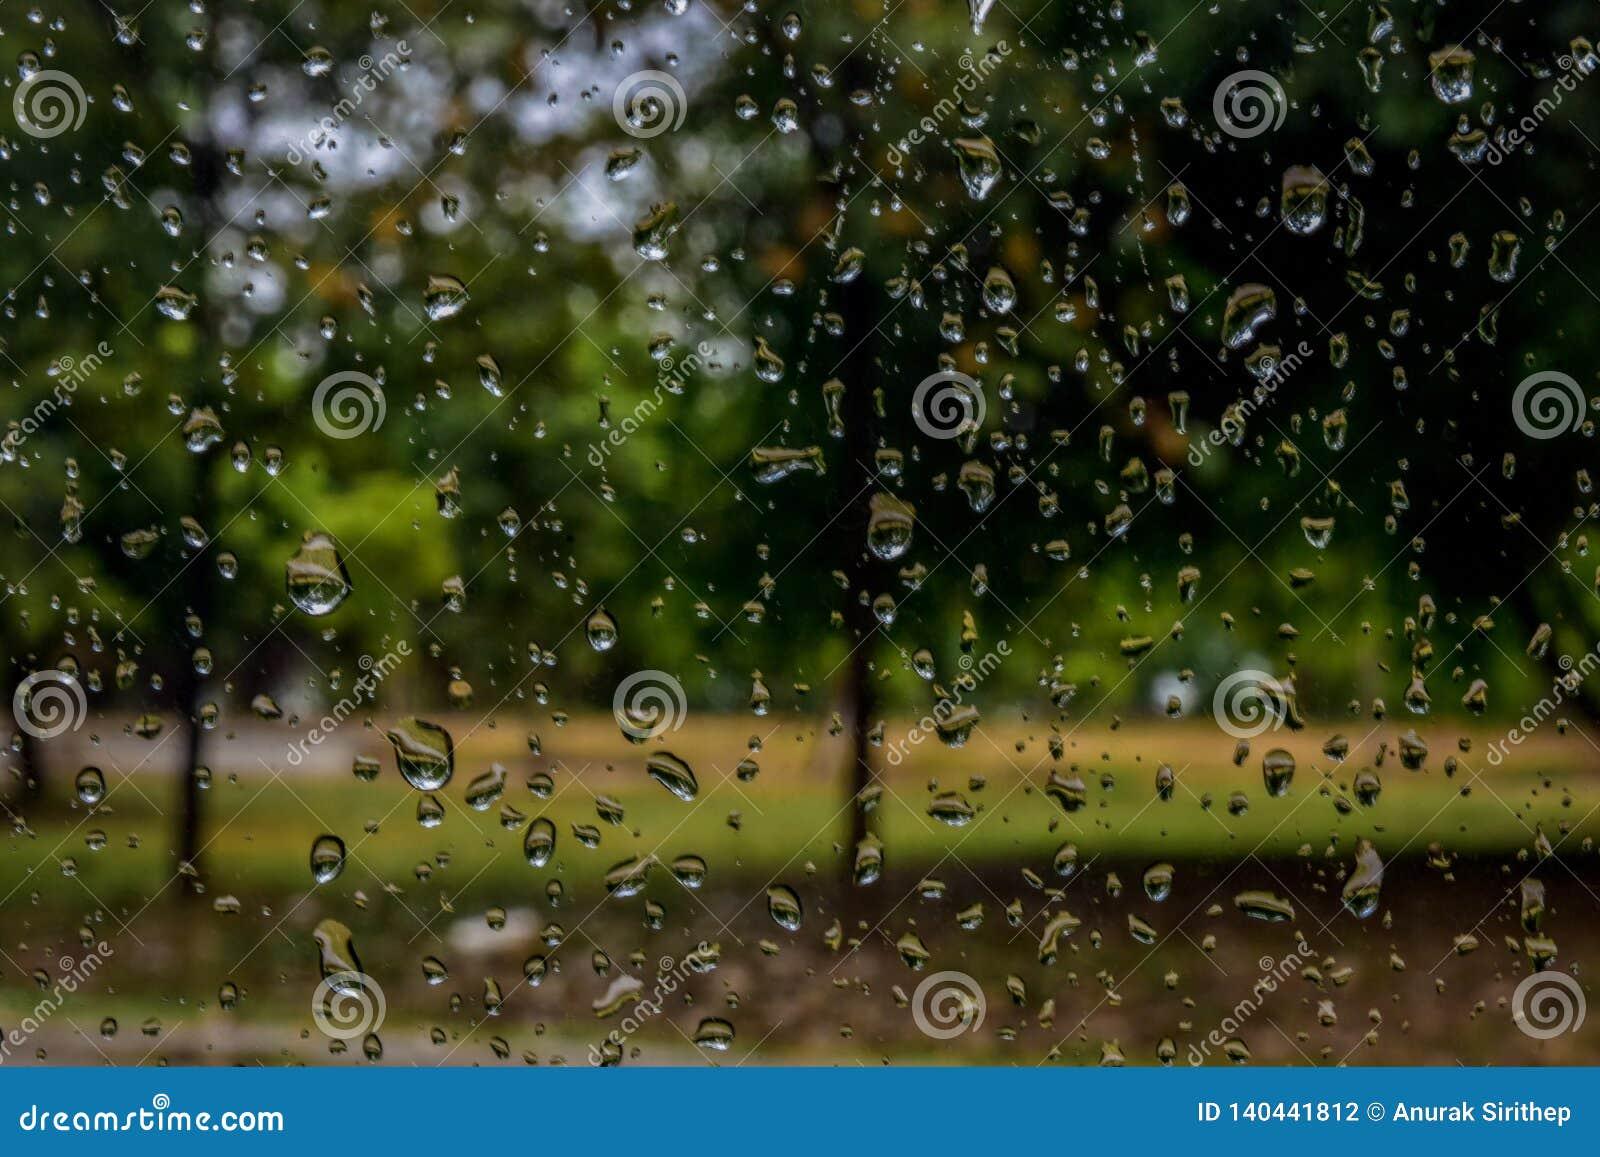 Gocce di pioggia sulla finestra di automobile con luce solare, vetro bagnato, giorno piovoso